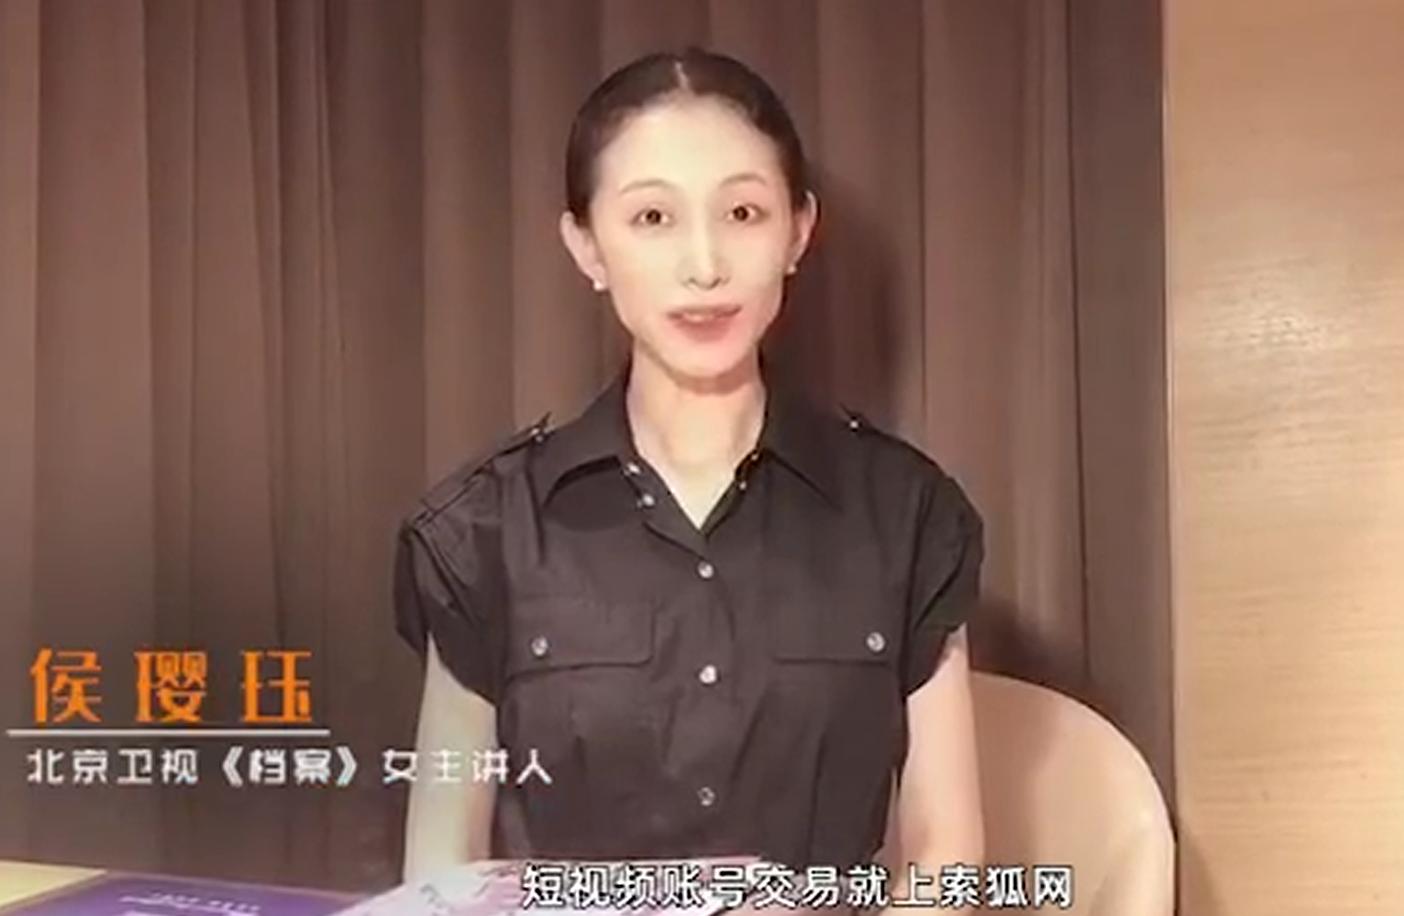 恭喜索狐挂牌成功!让短视频自媒体账号买卖更安全更快捷!